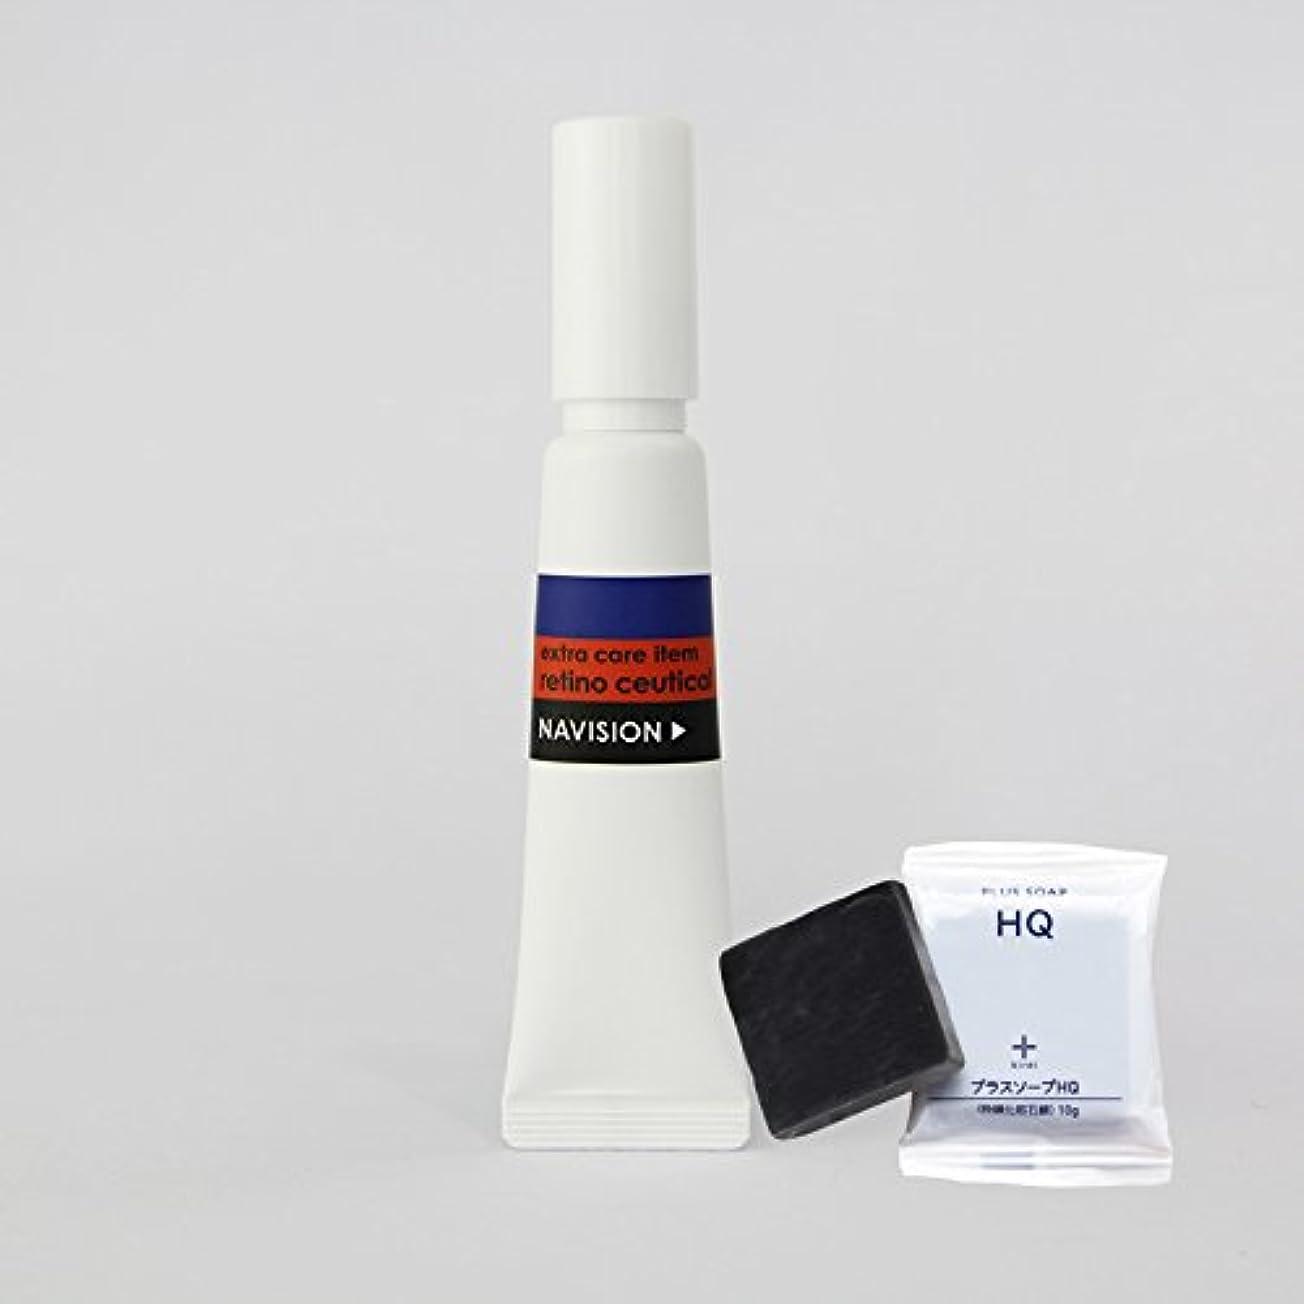 促す動力学スチュワードナビジョン NAVISION レチノシューティカル 15g (医薬部外品) + プラスキレイ プラスソープHQミニ